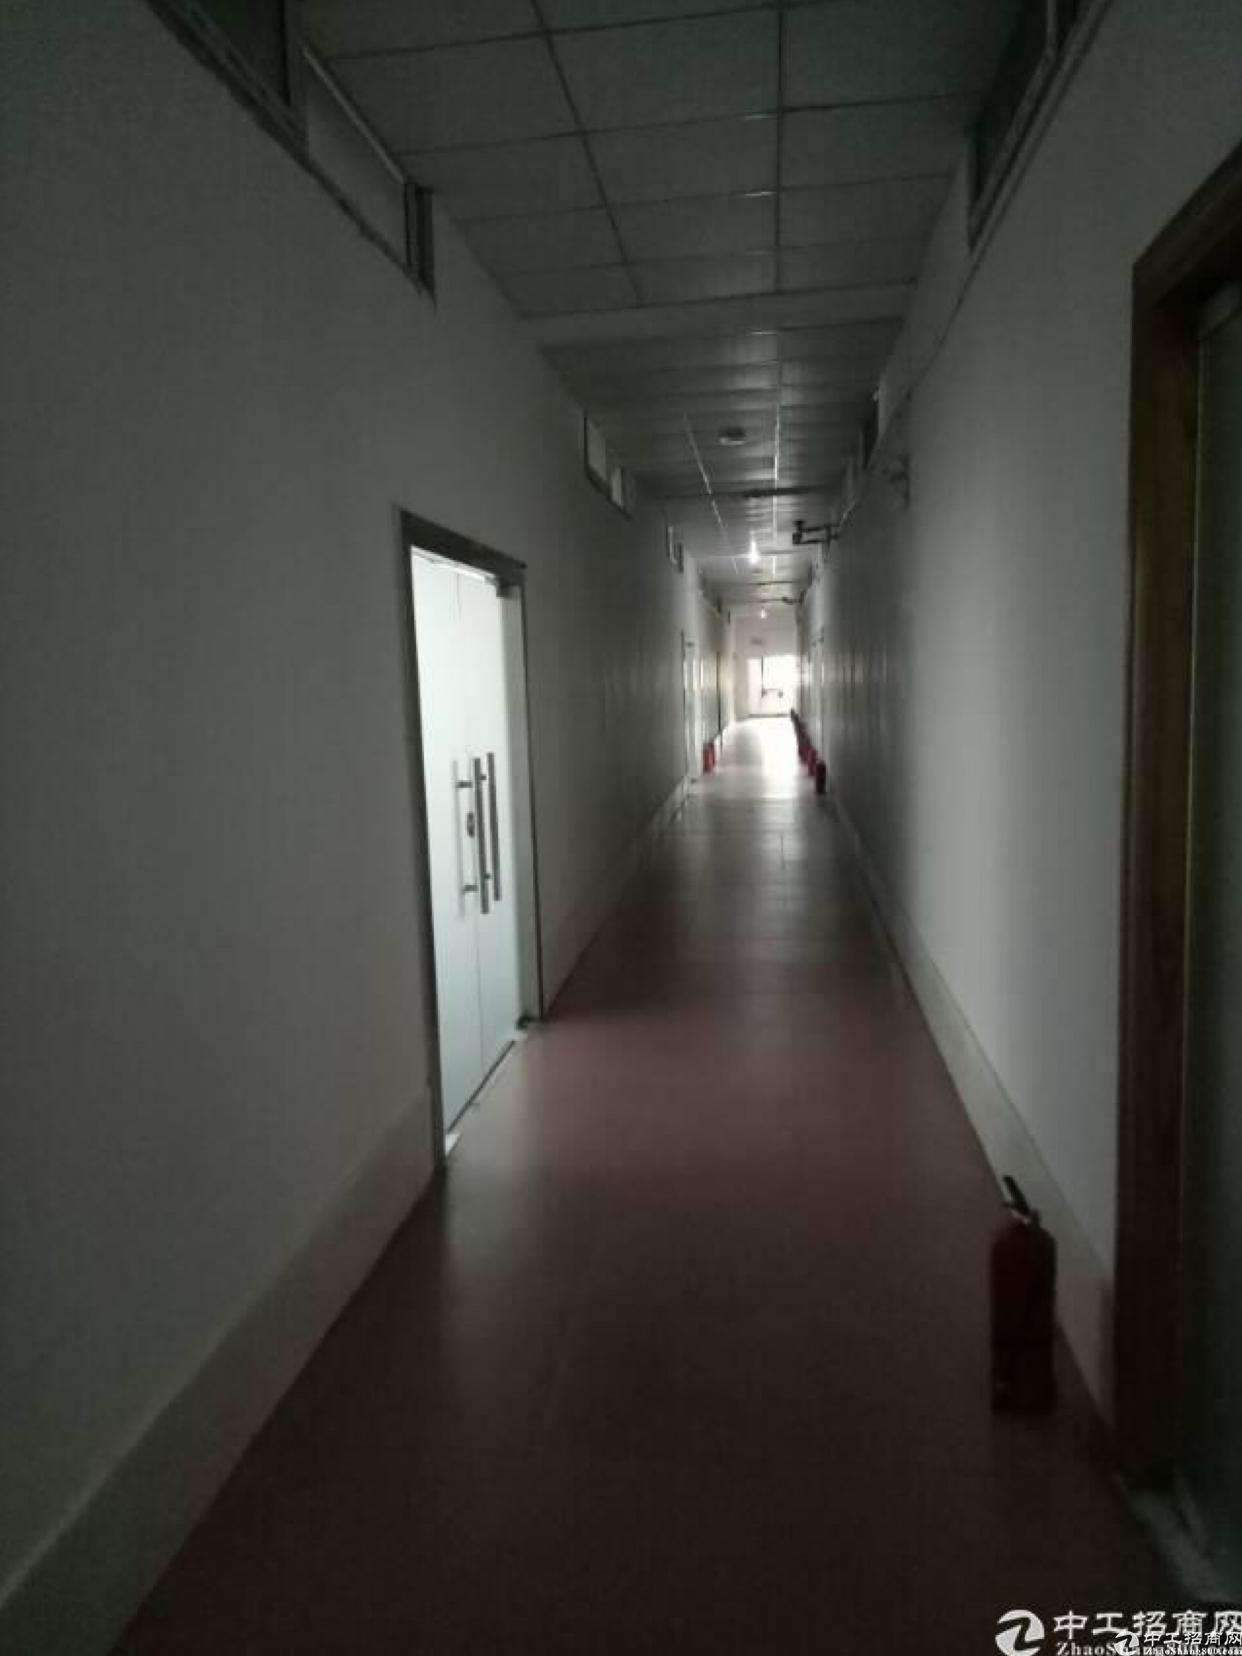 布吉吉华路长龙地铁口空出办公室了300平出租